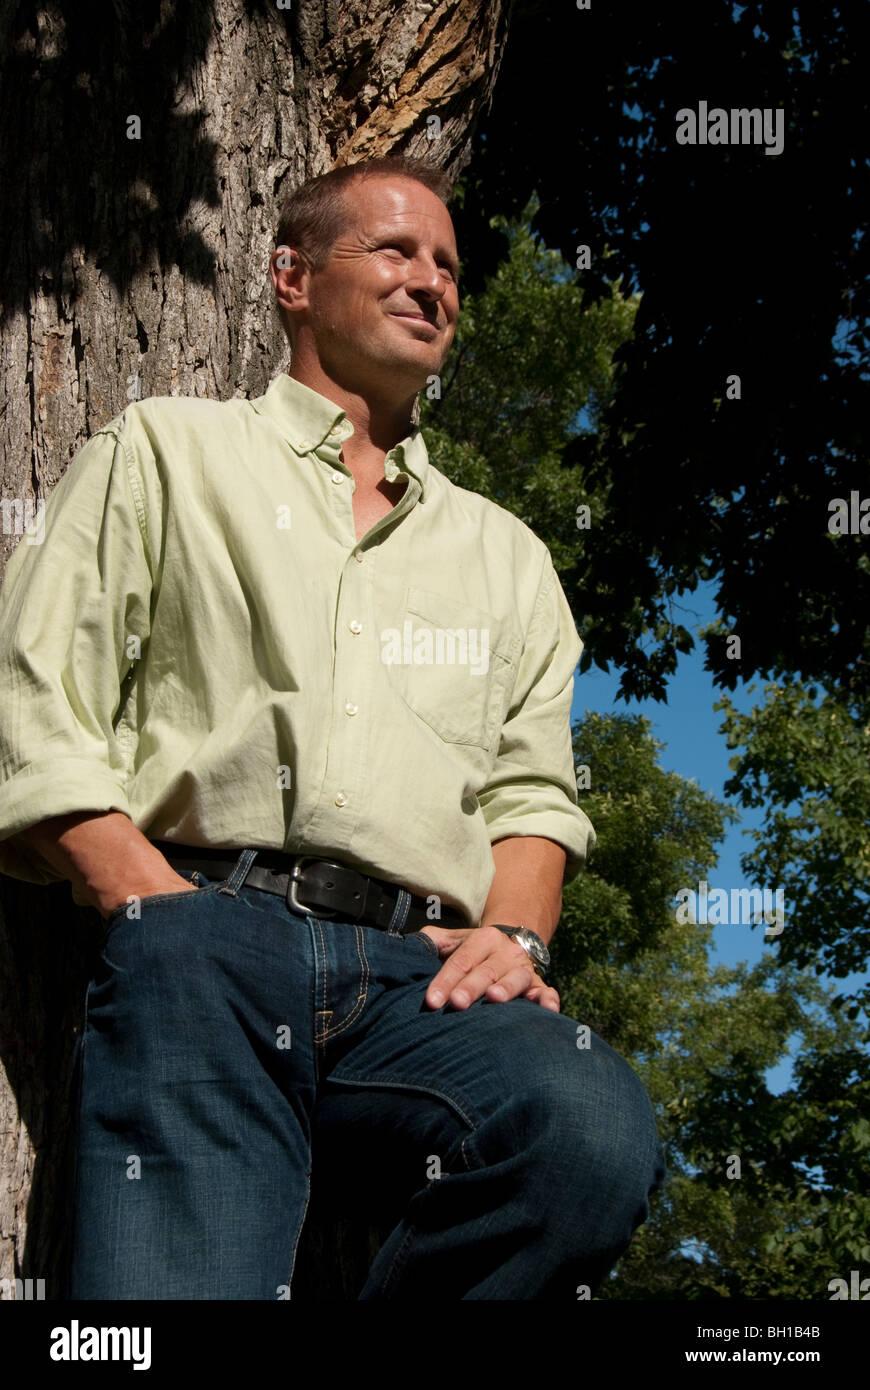 Basso angolo di visione dell uomo in 40's appoggiata ad albero, Assiniboine Park, Winnipeg, Manitoba, Canada Immagini Stock